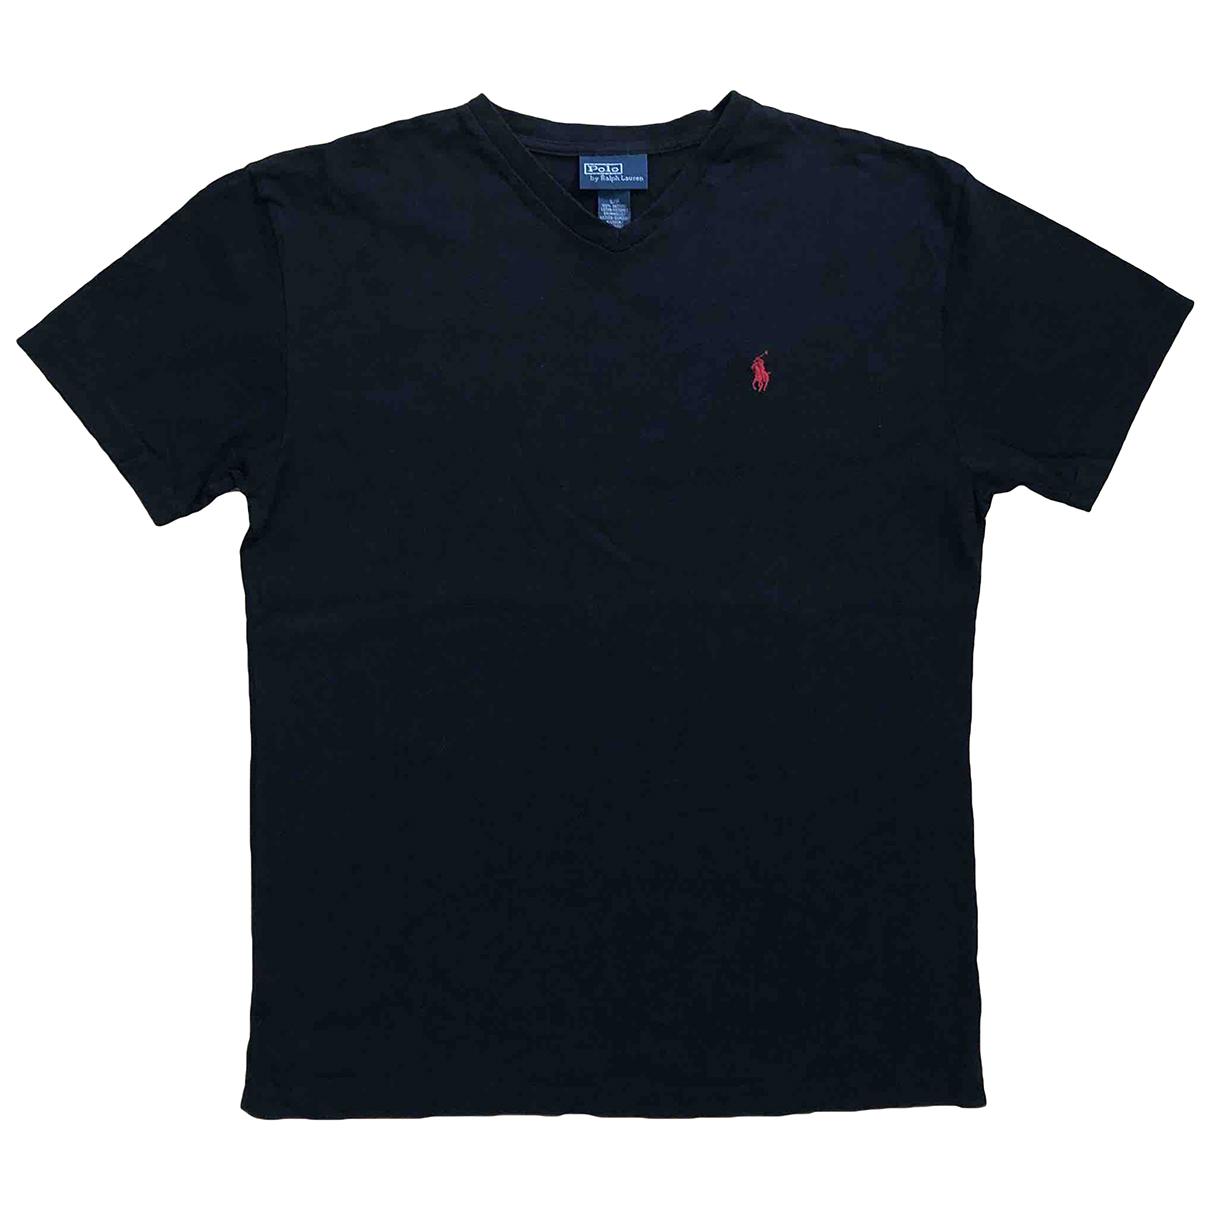 Polo Ralph Lauren - Tee shirts   pour homme en coton - noir